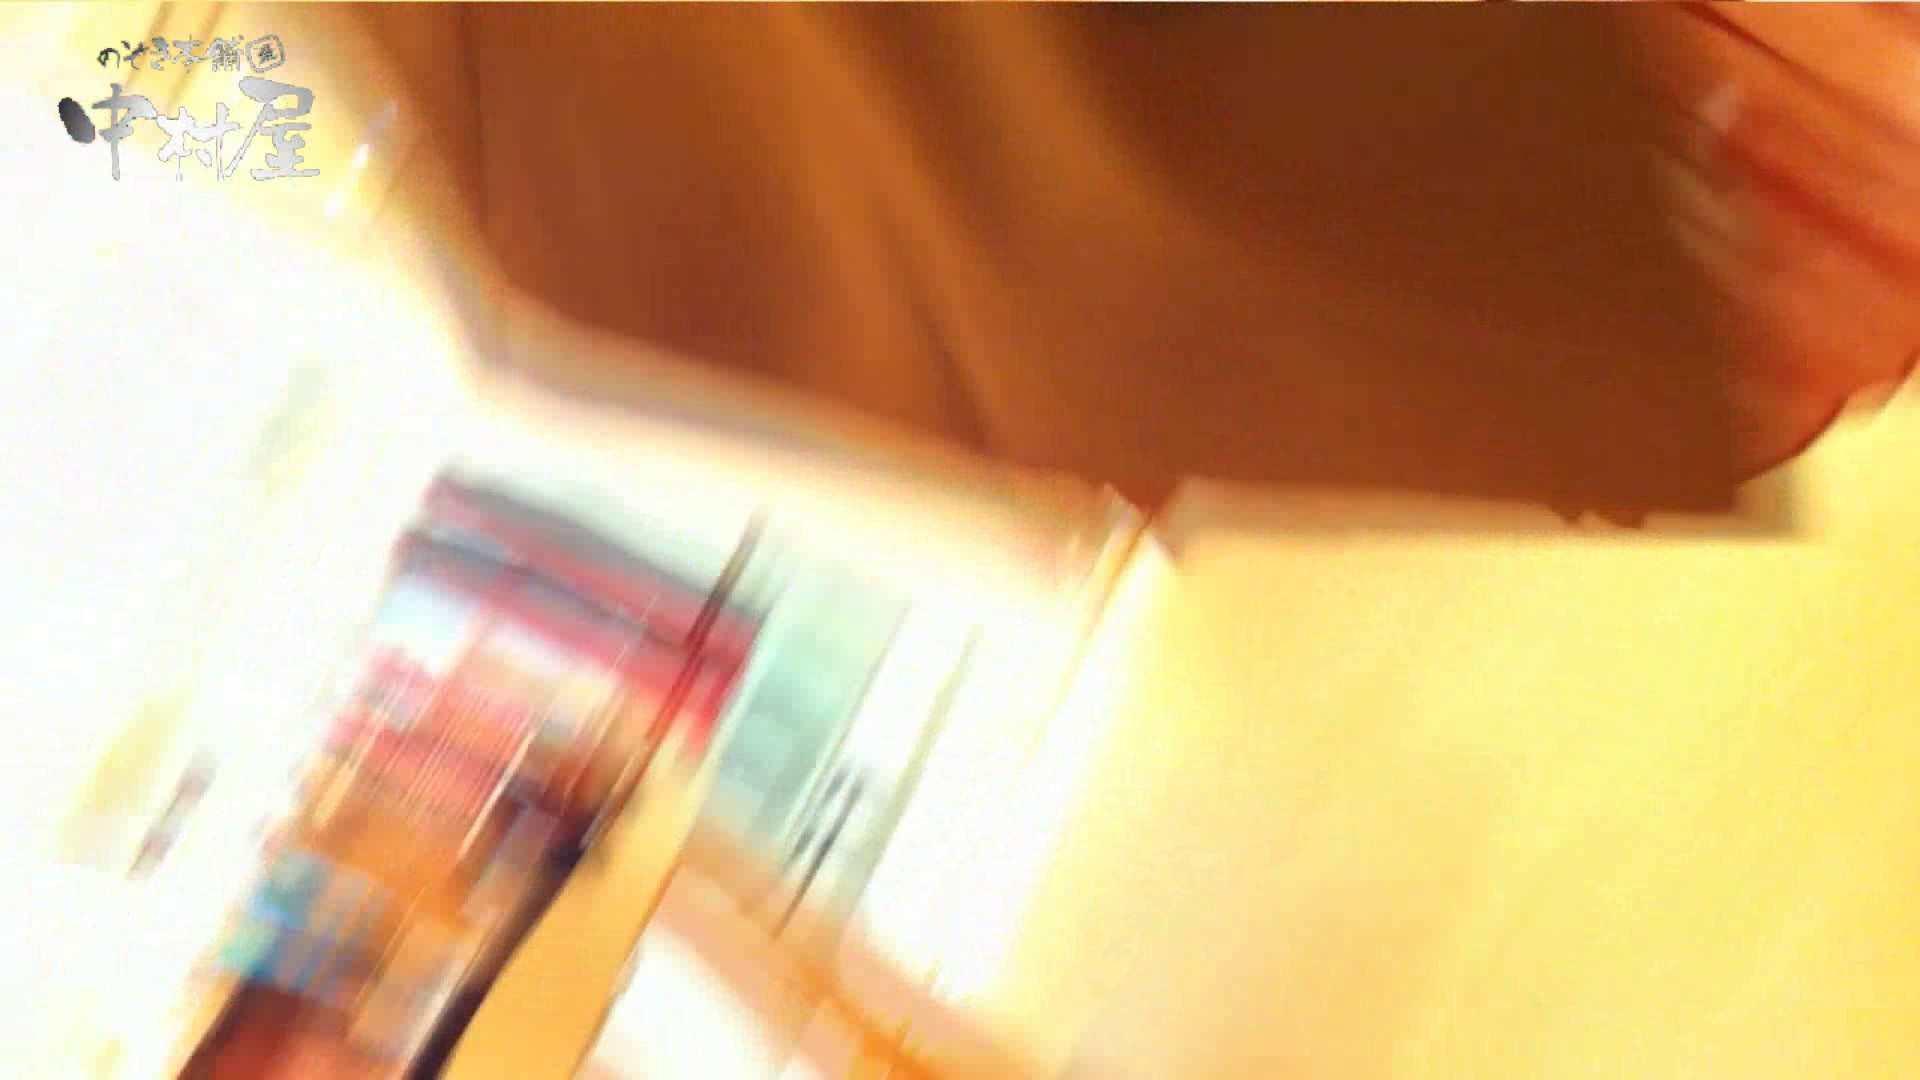 vol.45 可愛いカリスマ店員限定‼胸チラ&パンチラ 食い込みミッキーマウス! 接写 | HなOL  52pic 37